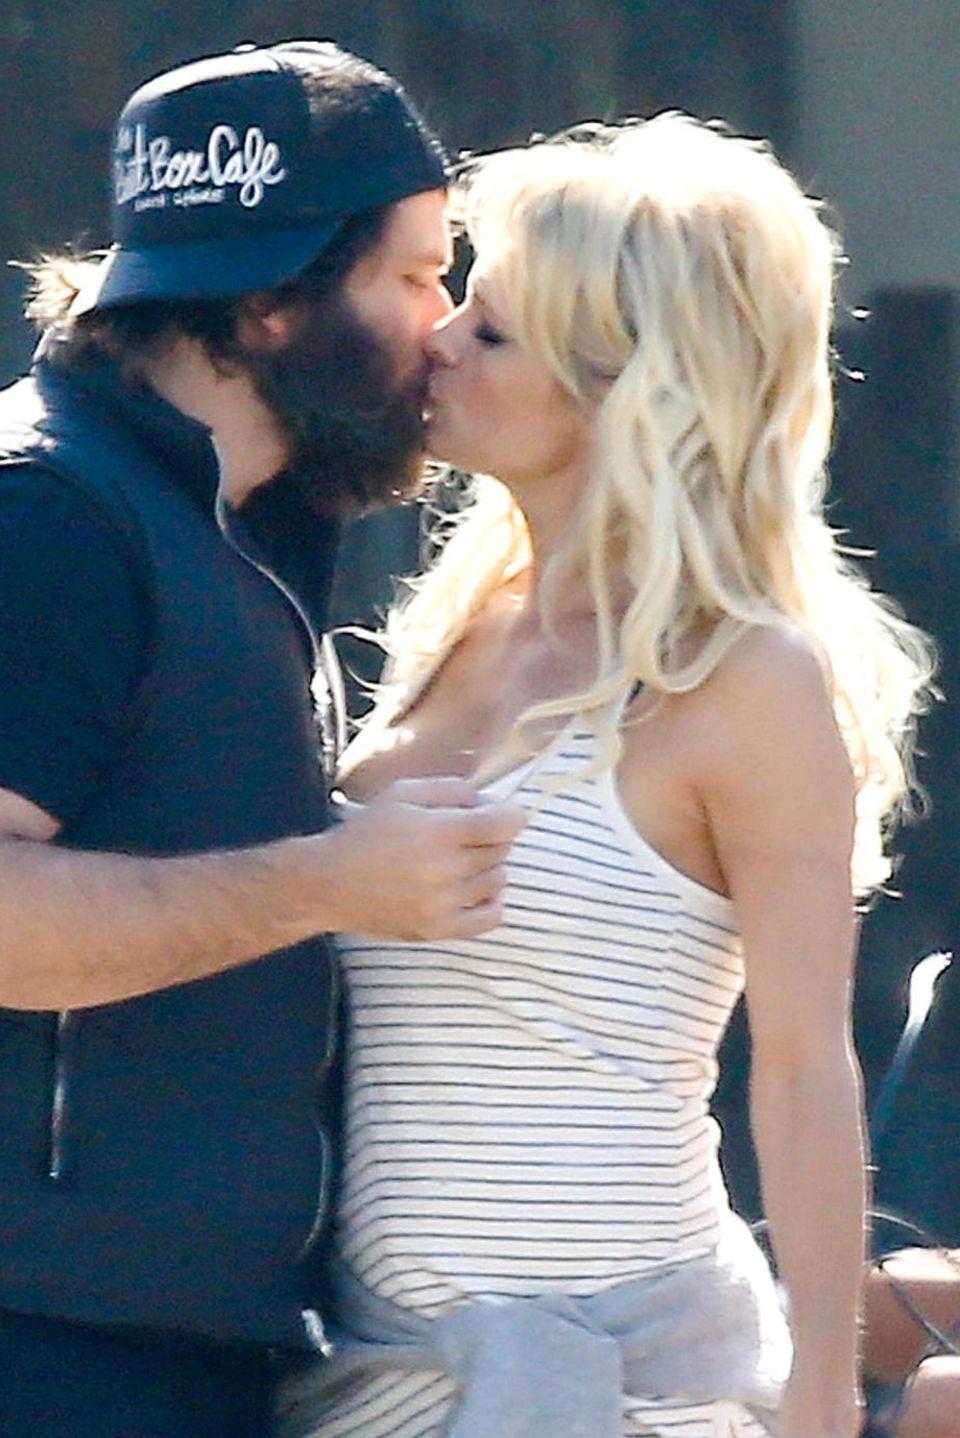 Rick Salomon und Pamela Anderson sind bekannt für ihre On-Off-Beziehung, doch hier sieht man die beiden als glückliches Paar zusammen.